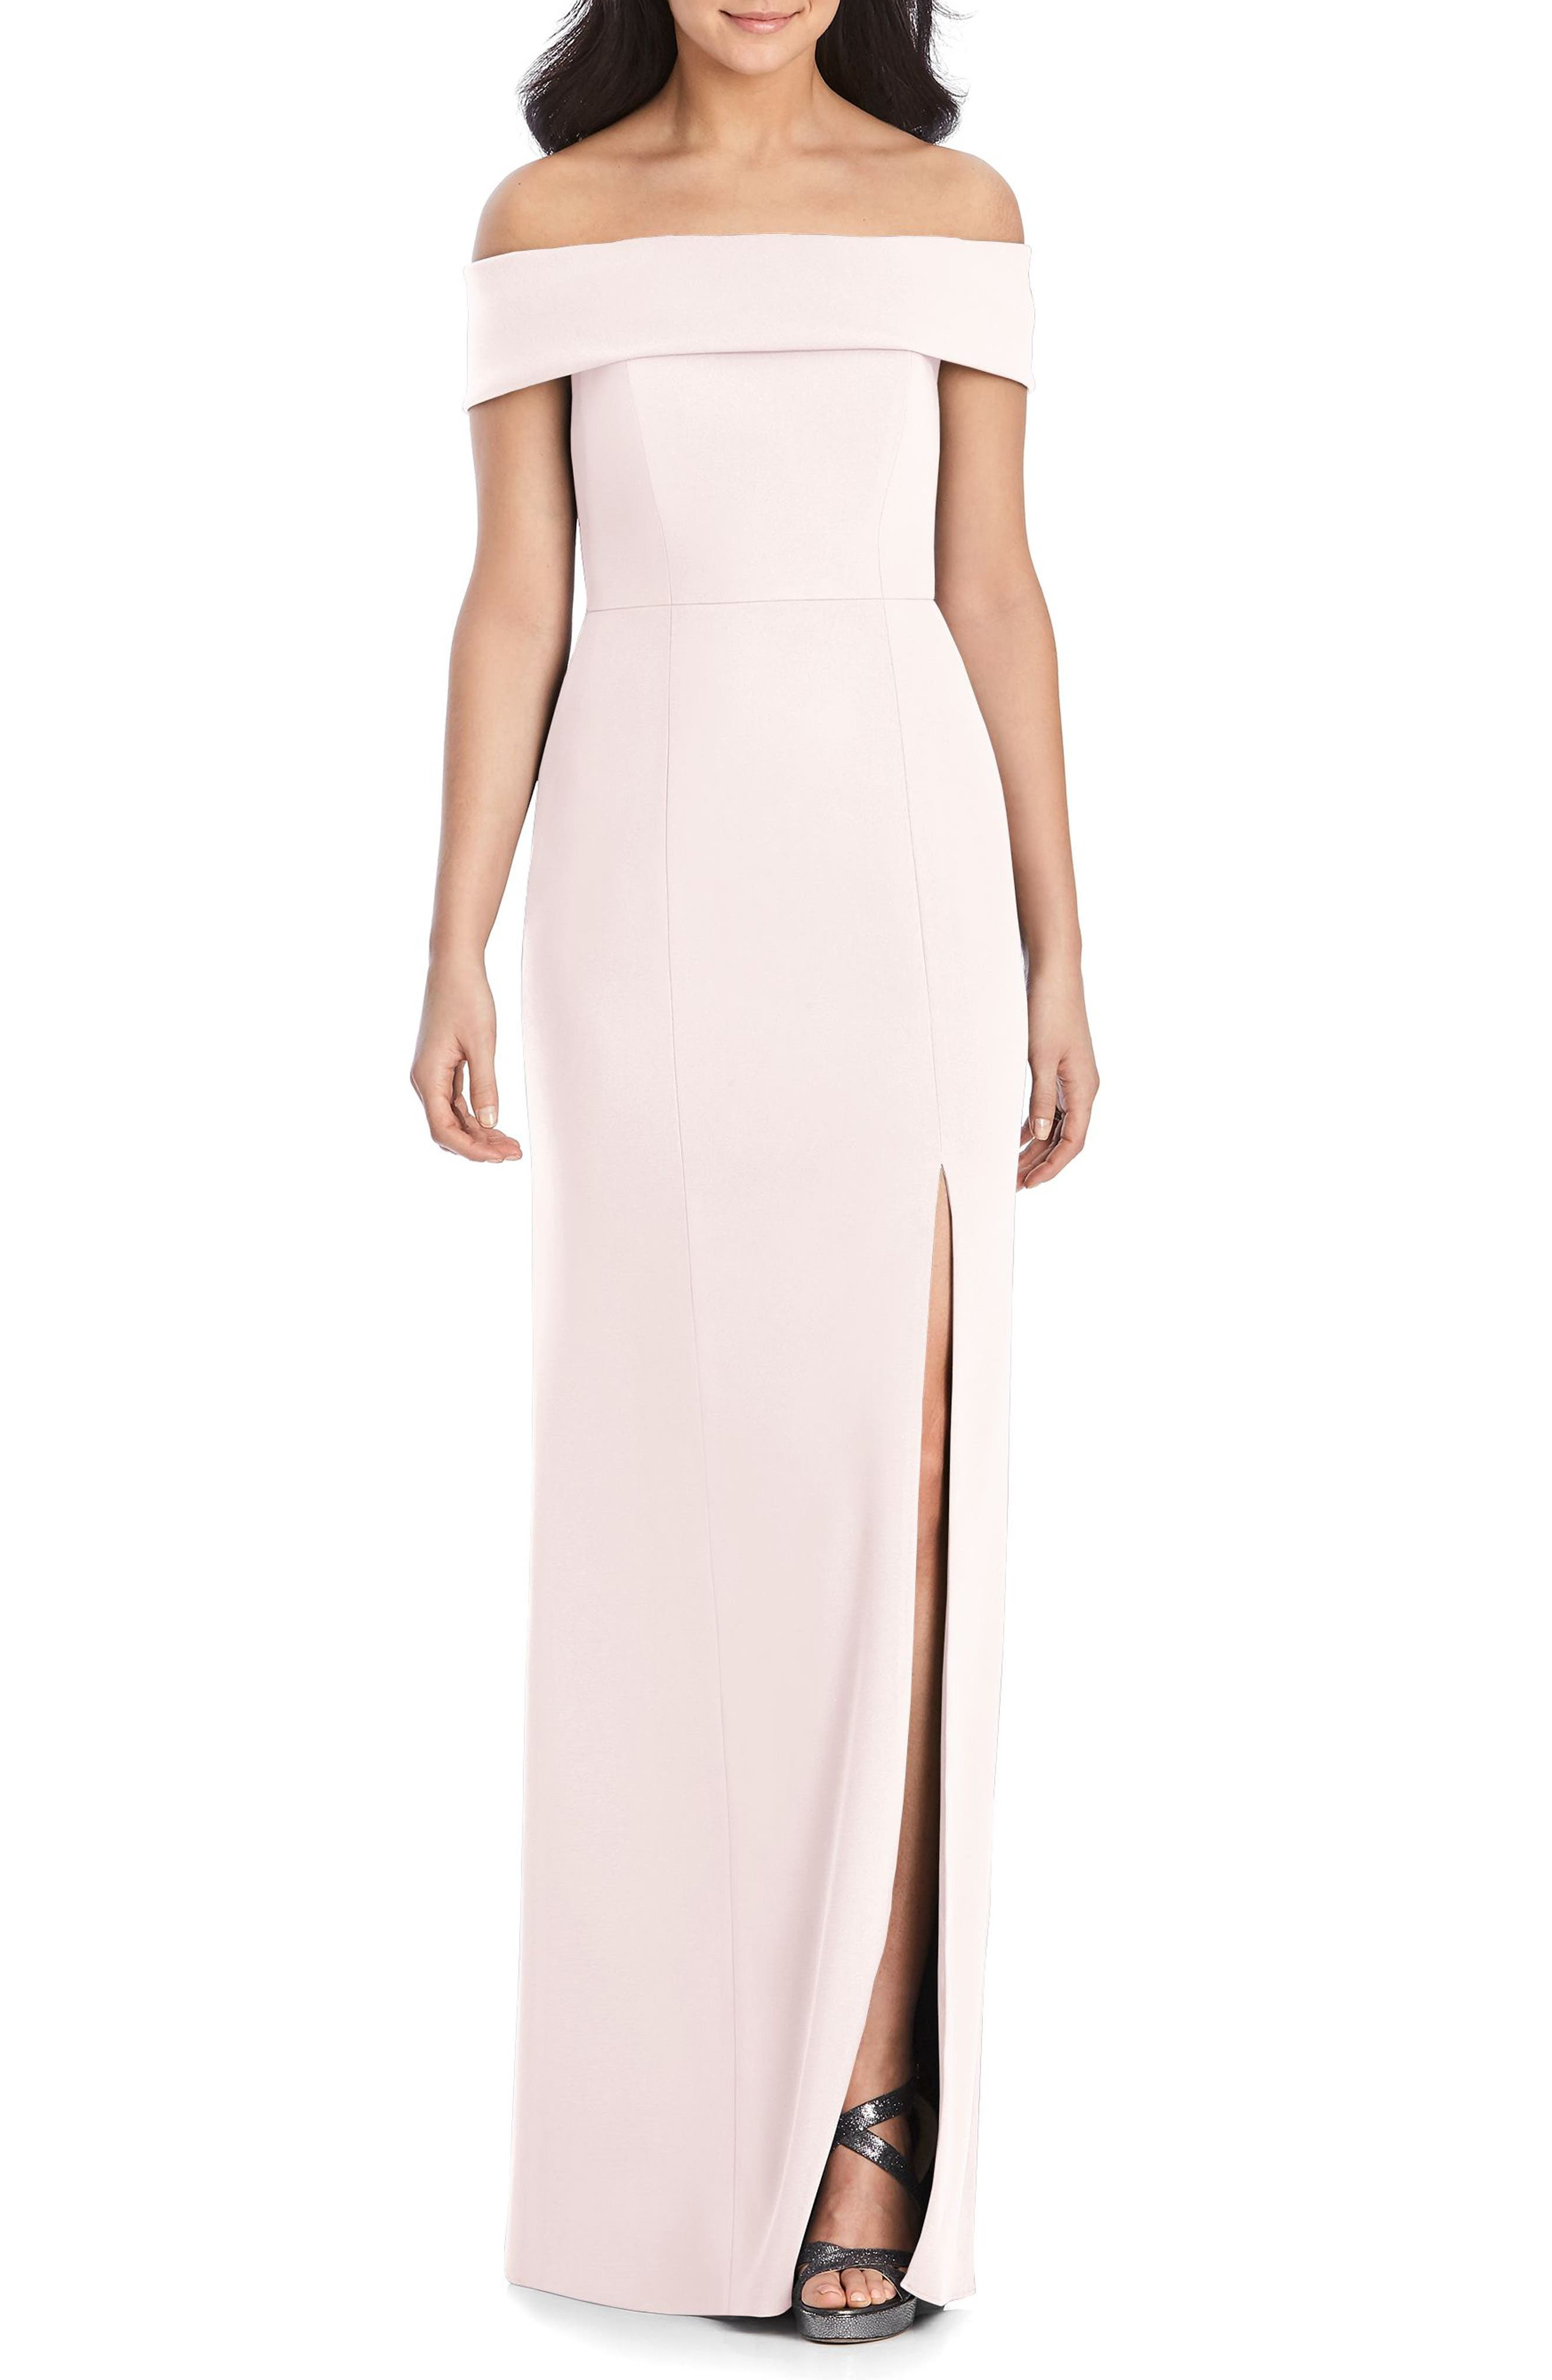 DESSY COLLECTION Off the Shoulder Side Slit Crepe Gown, Main, color, BLUSH